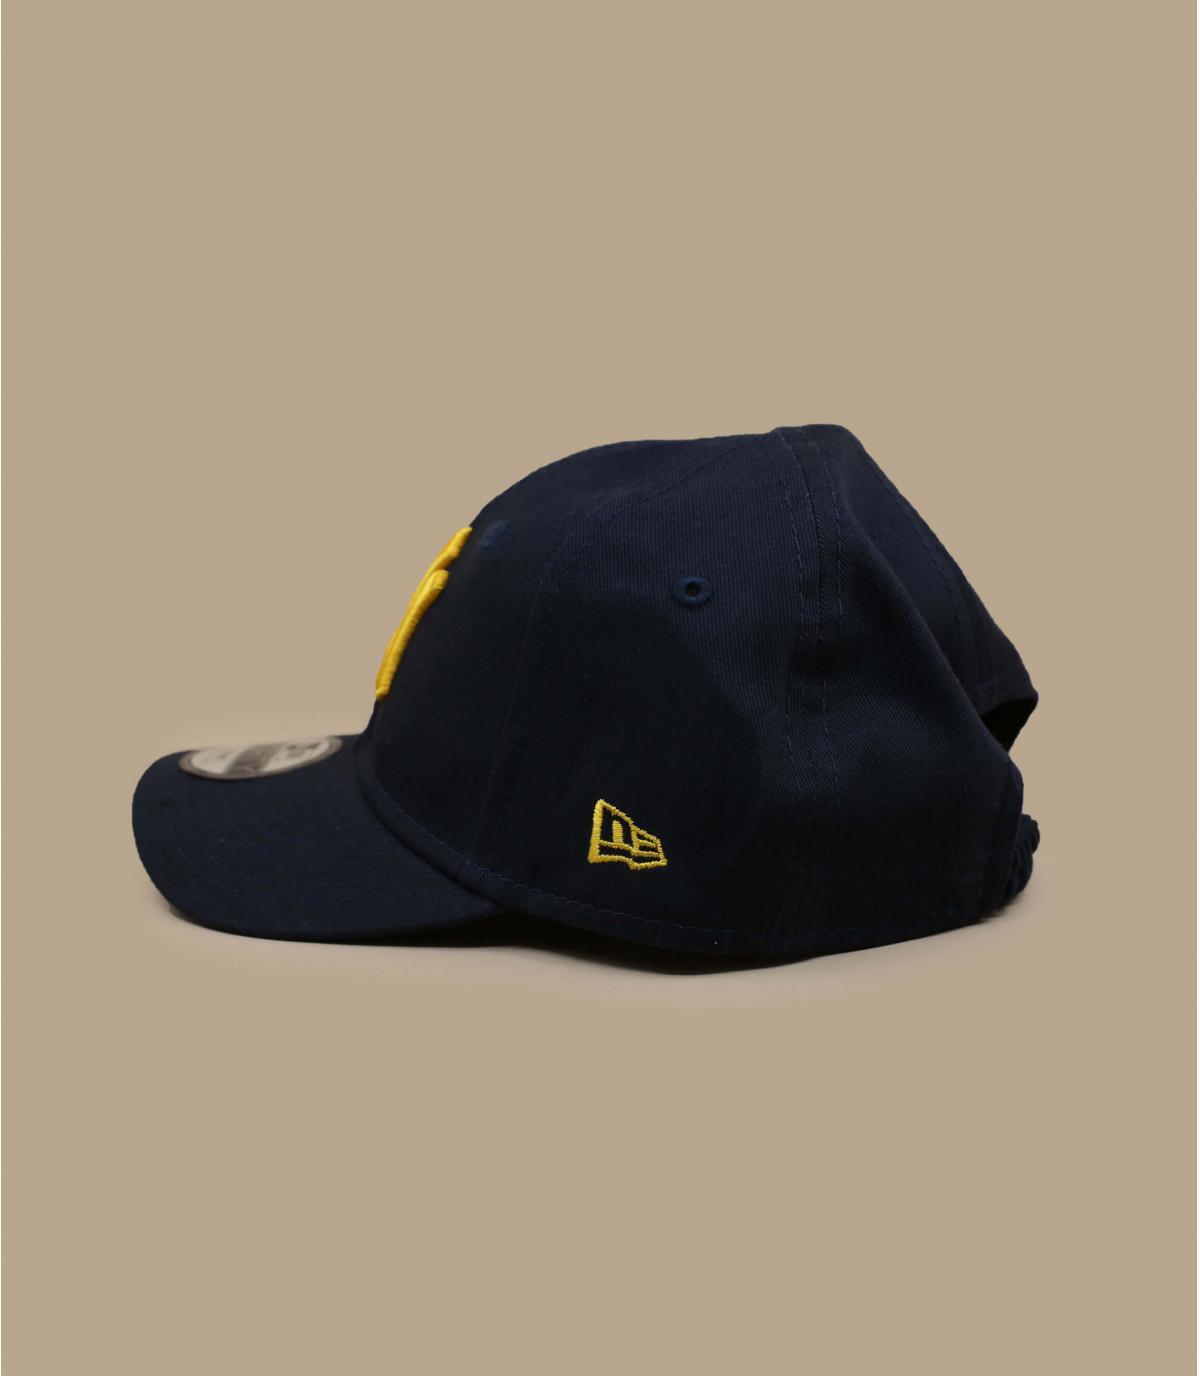 Détails Casquette Baby League Ess NY 940 navy gold - image 2